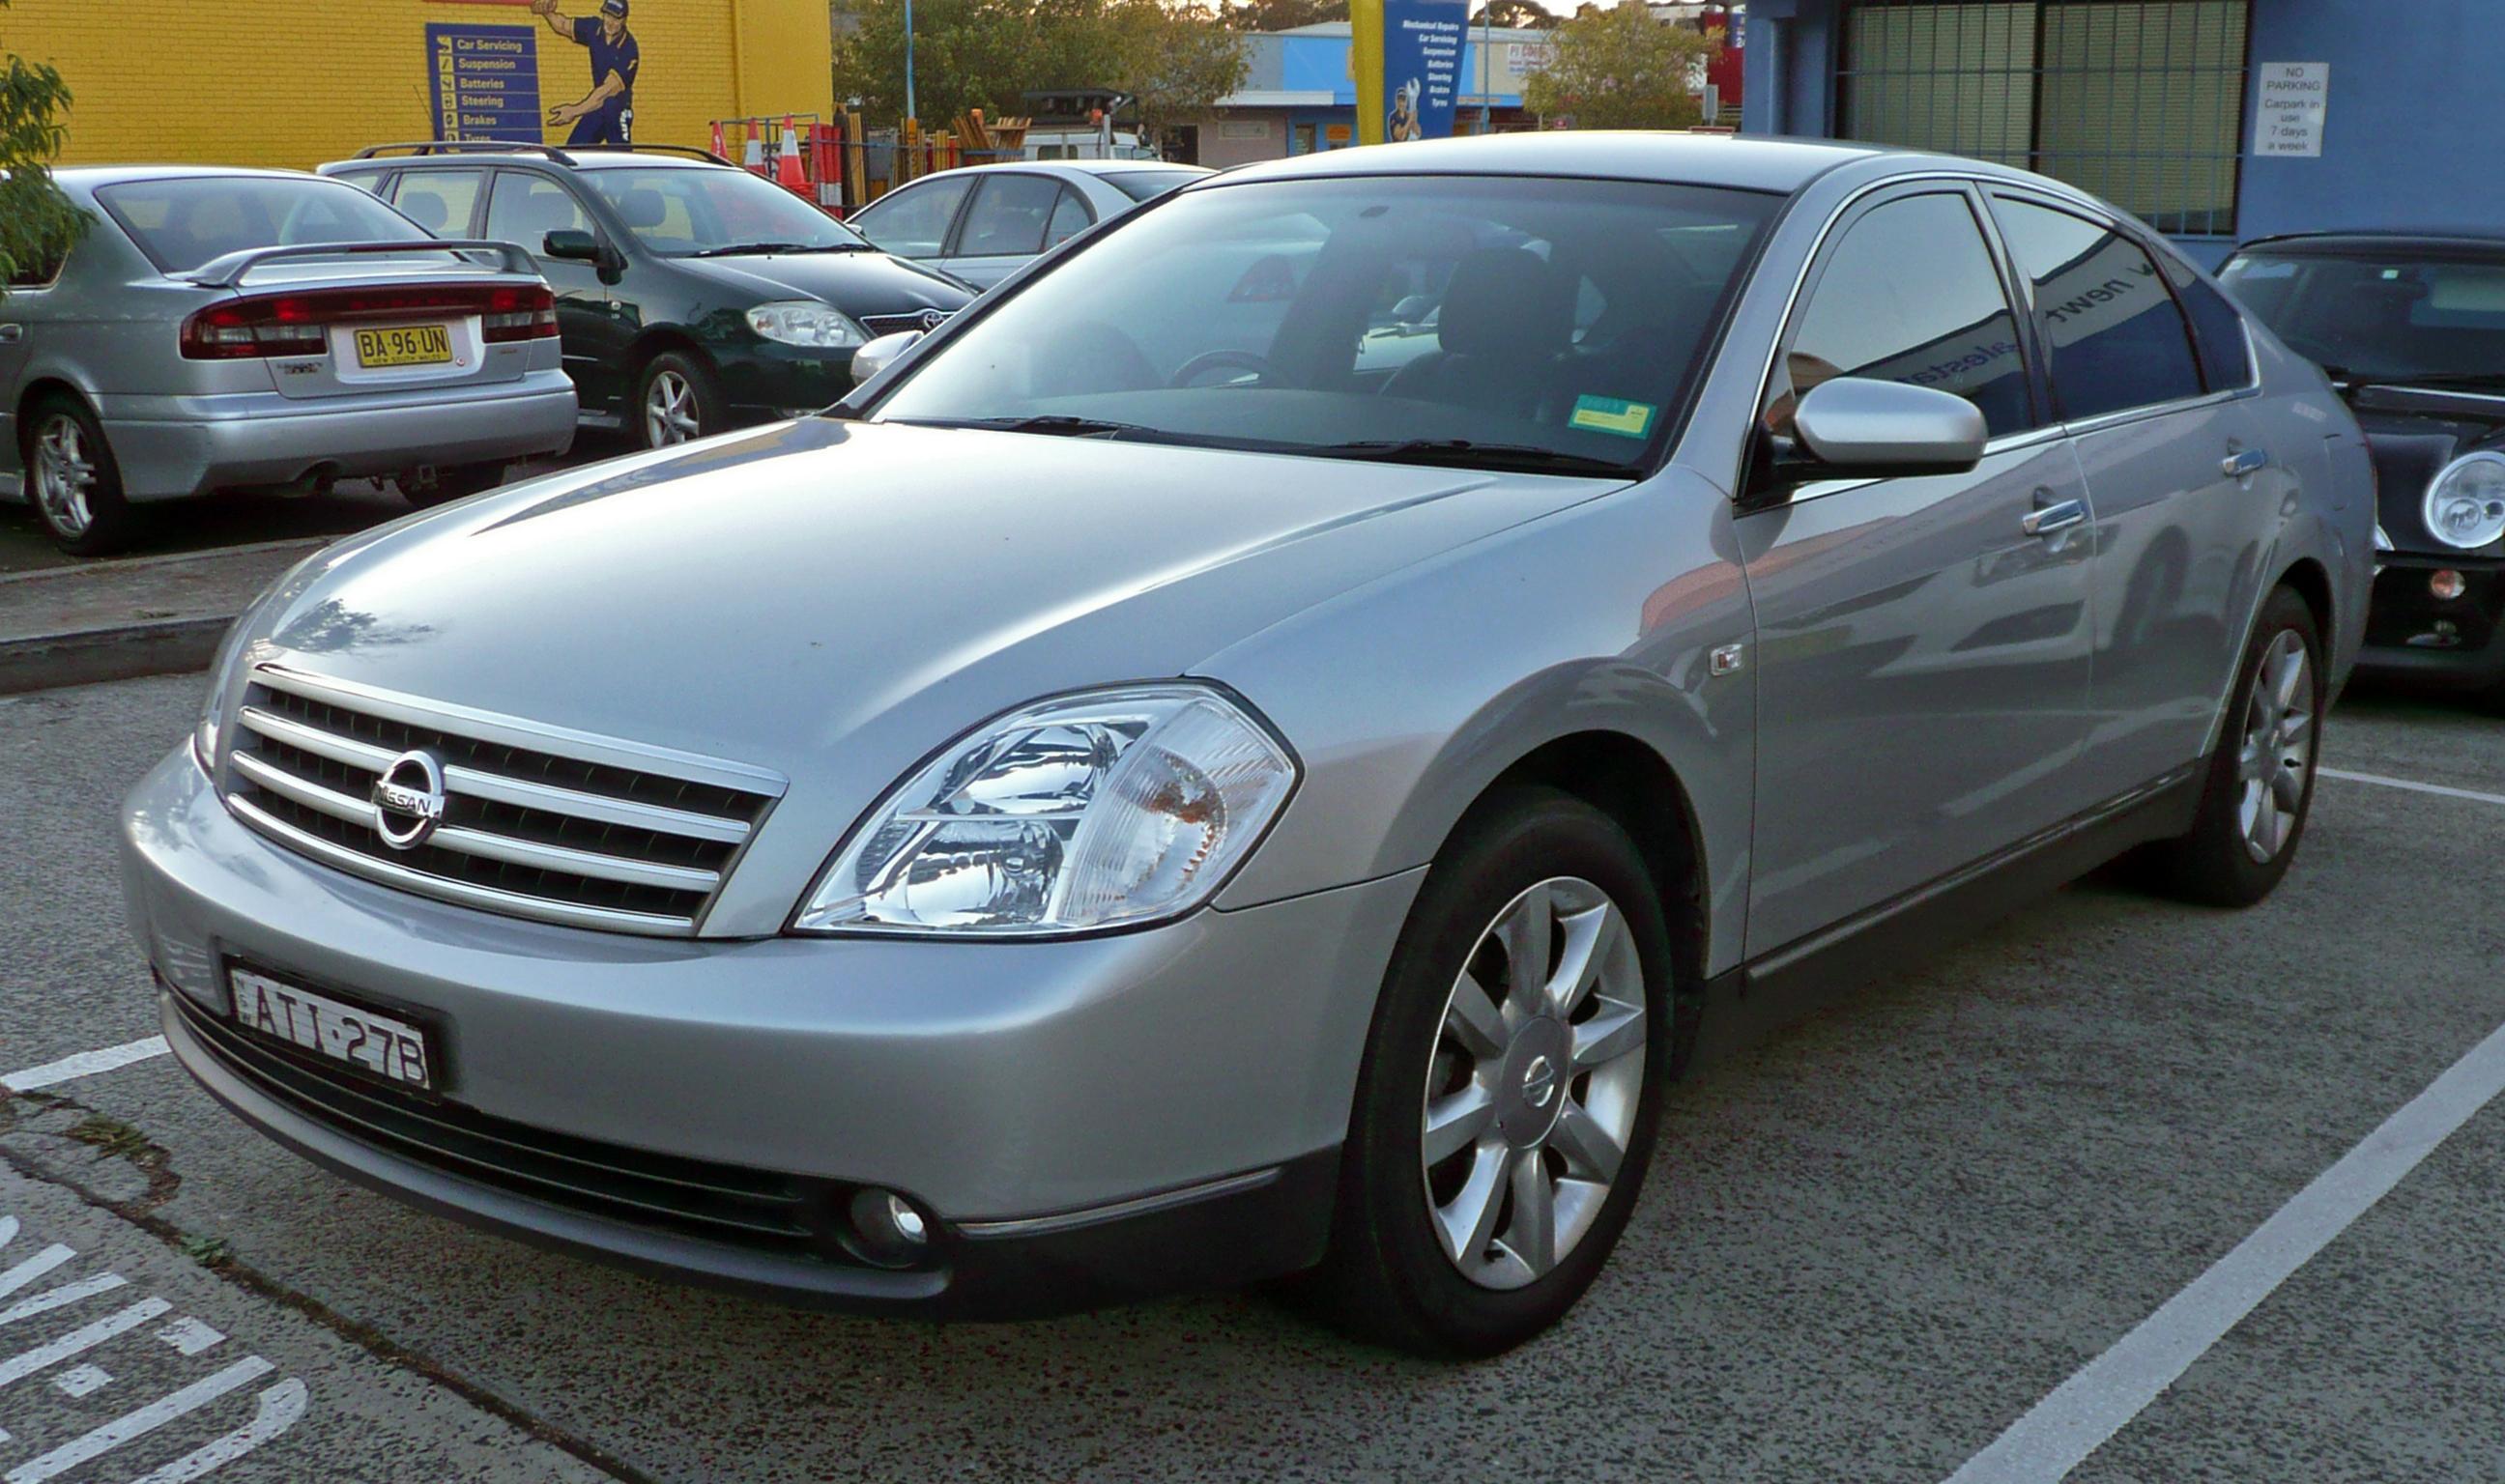 New Nissan Maxima >> File:2003-2006 Nissan Maxima (J31) Ti sedan (2010-05-10).jpg - Wikimedia Commons